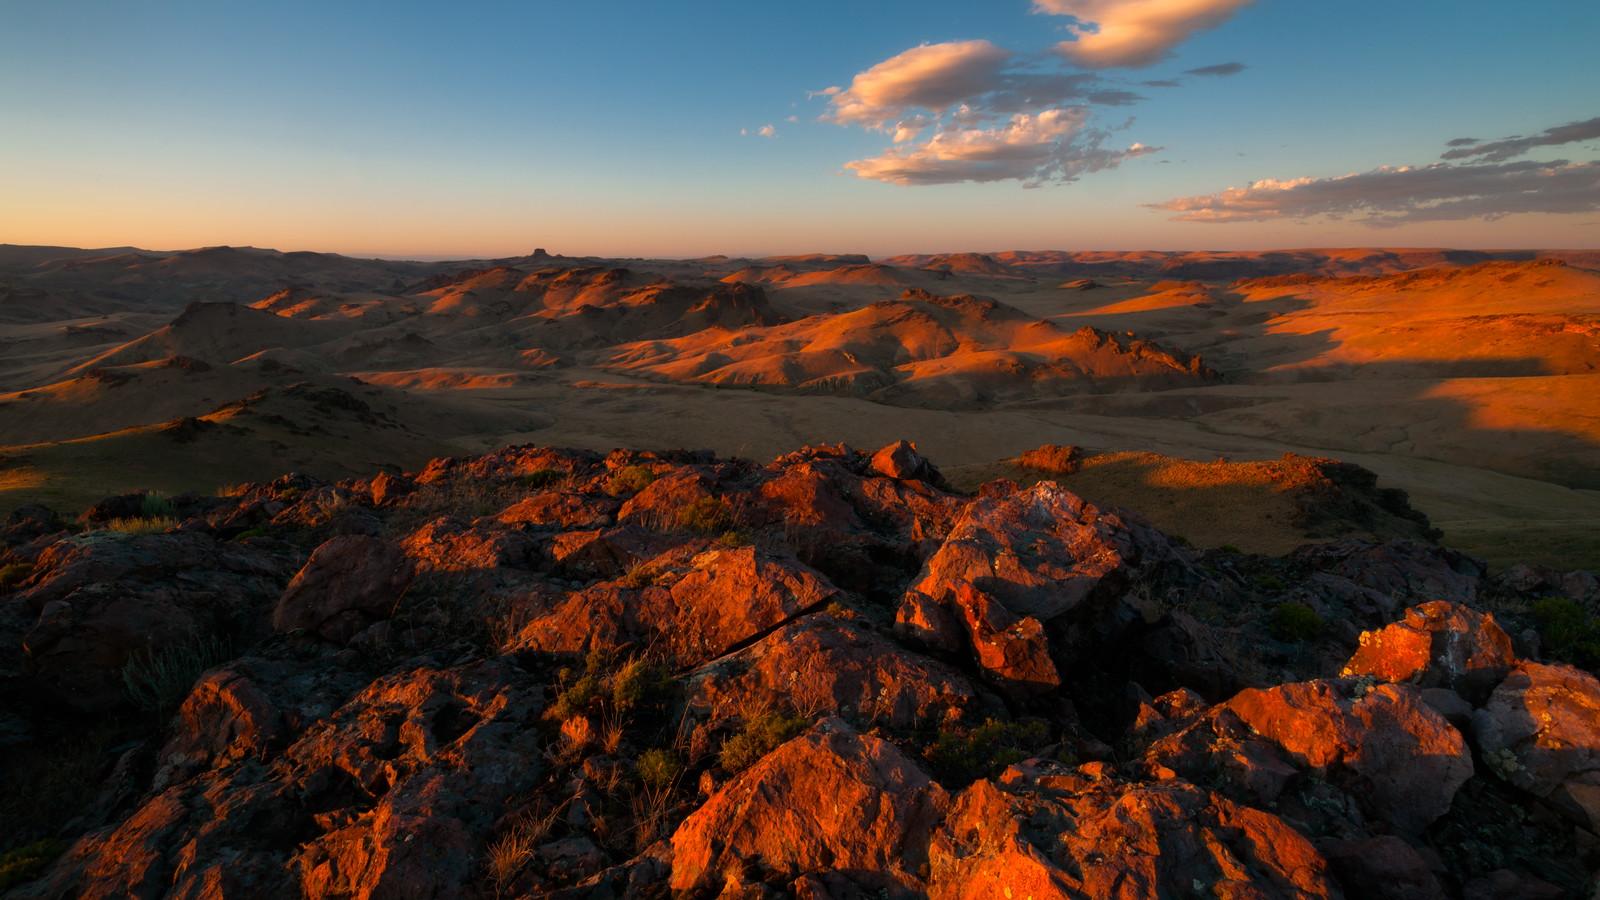 Oregon's Outback